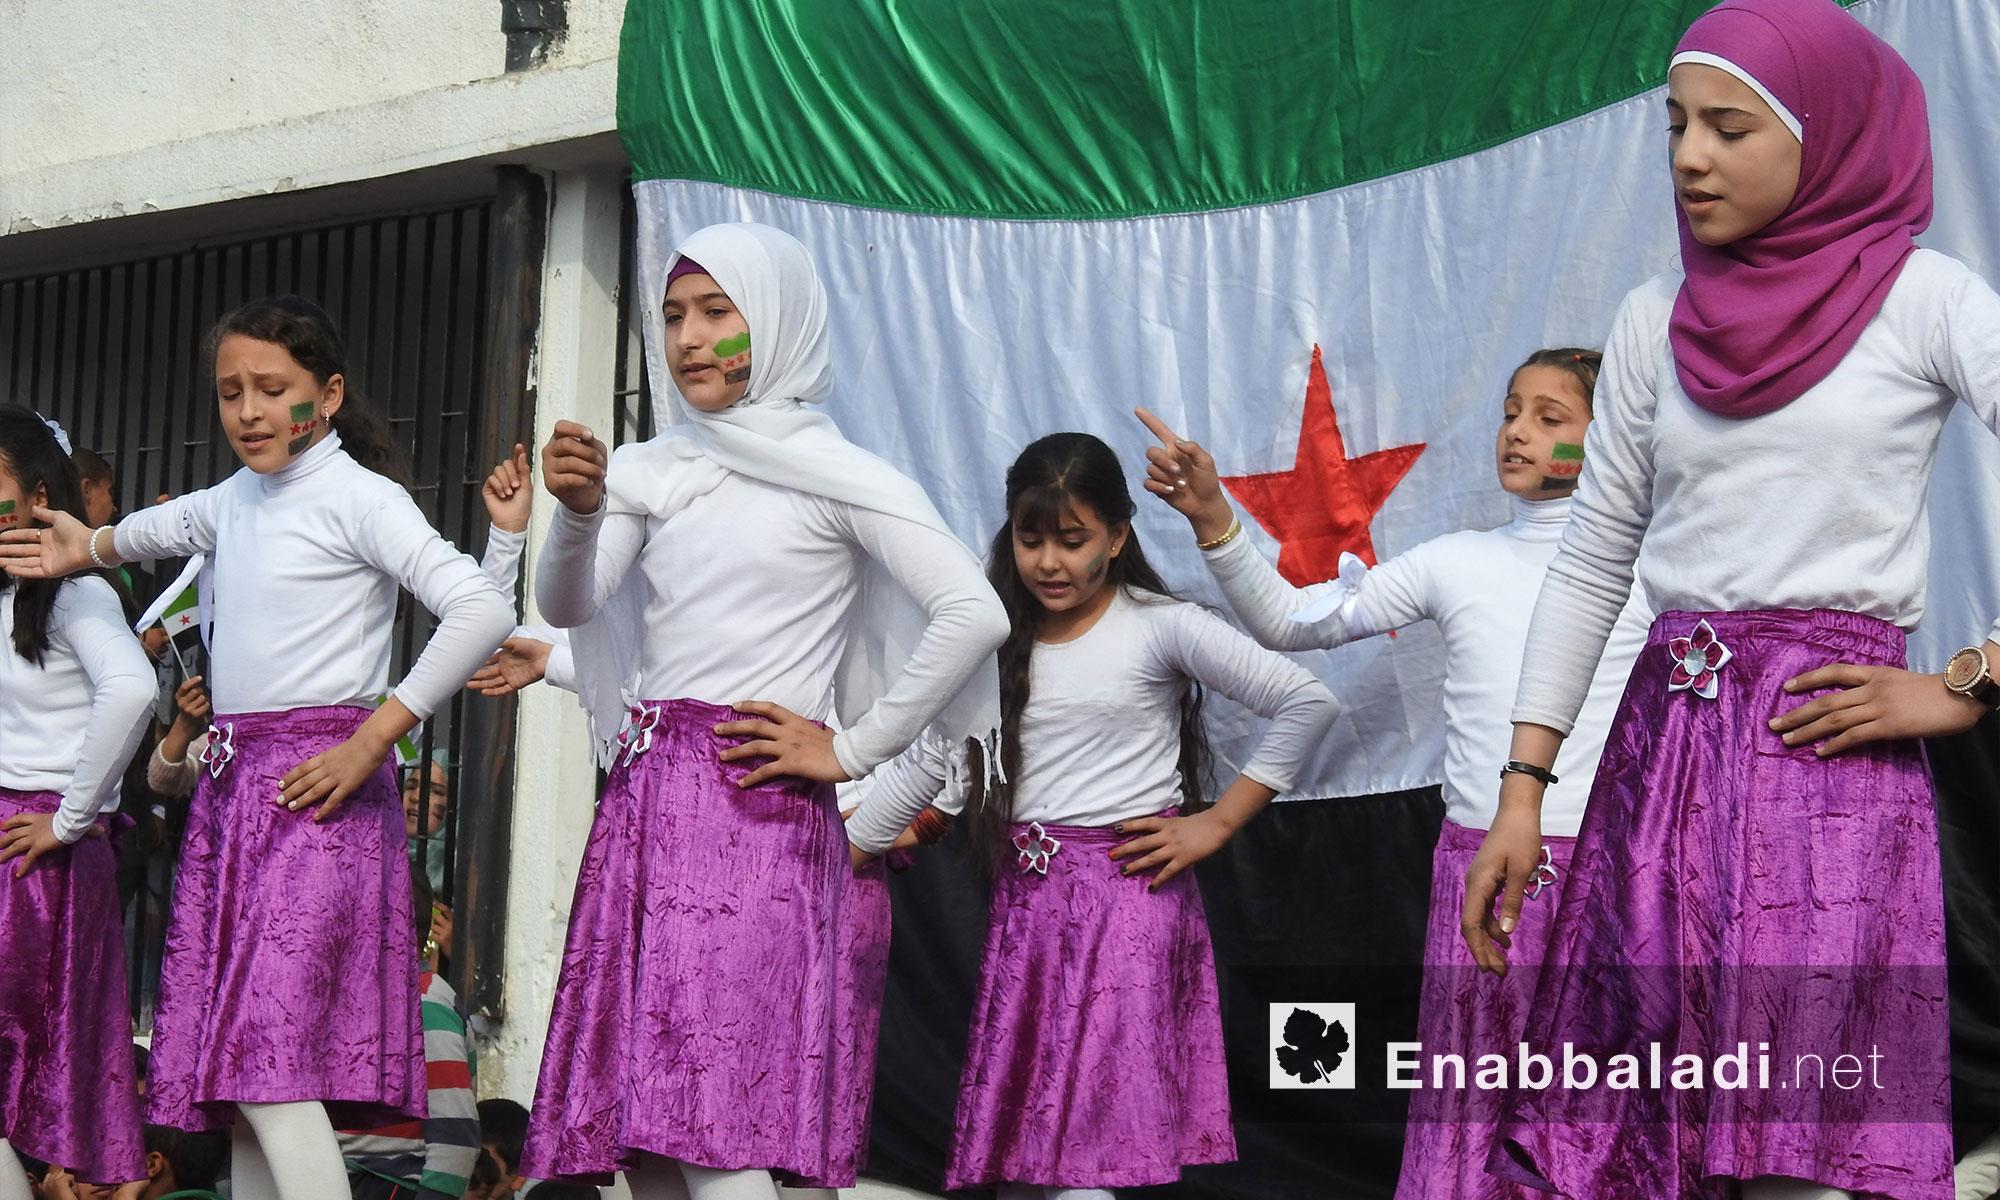 المهرجان الطلابي الأول بمناسبة بداية العام الدراسي في مدينة جرابلس 7 تشرين الثاني 2017 (عنب بلدي)